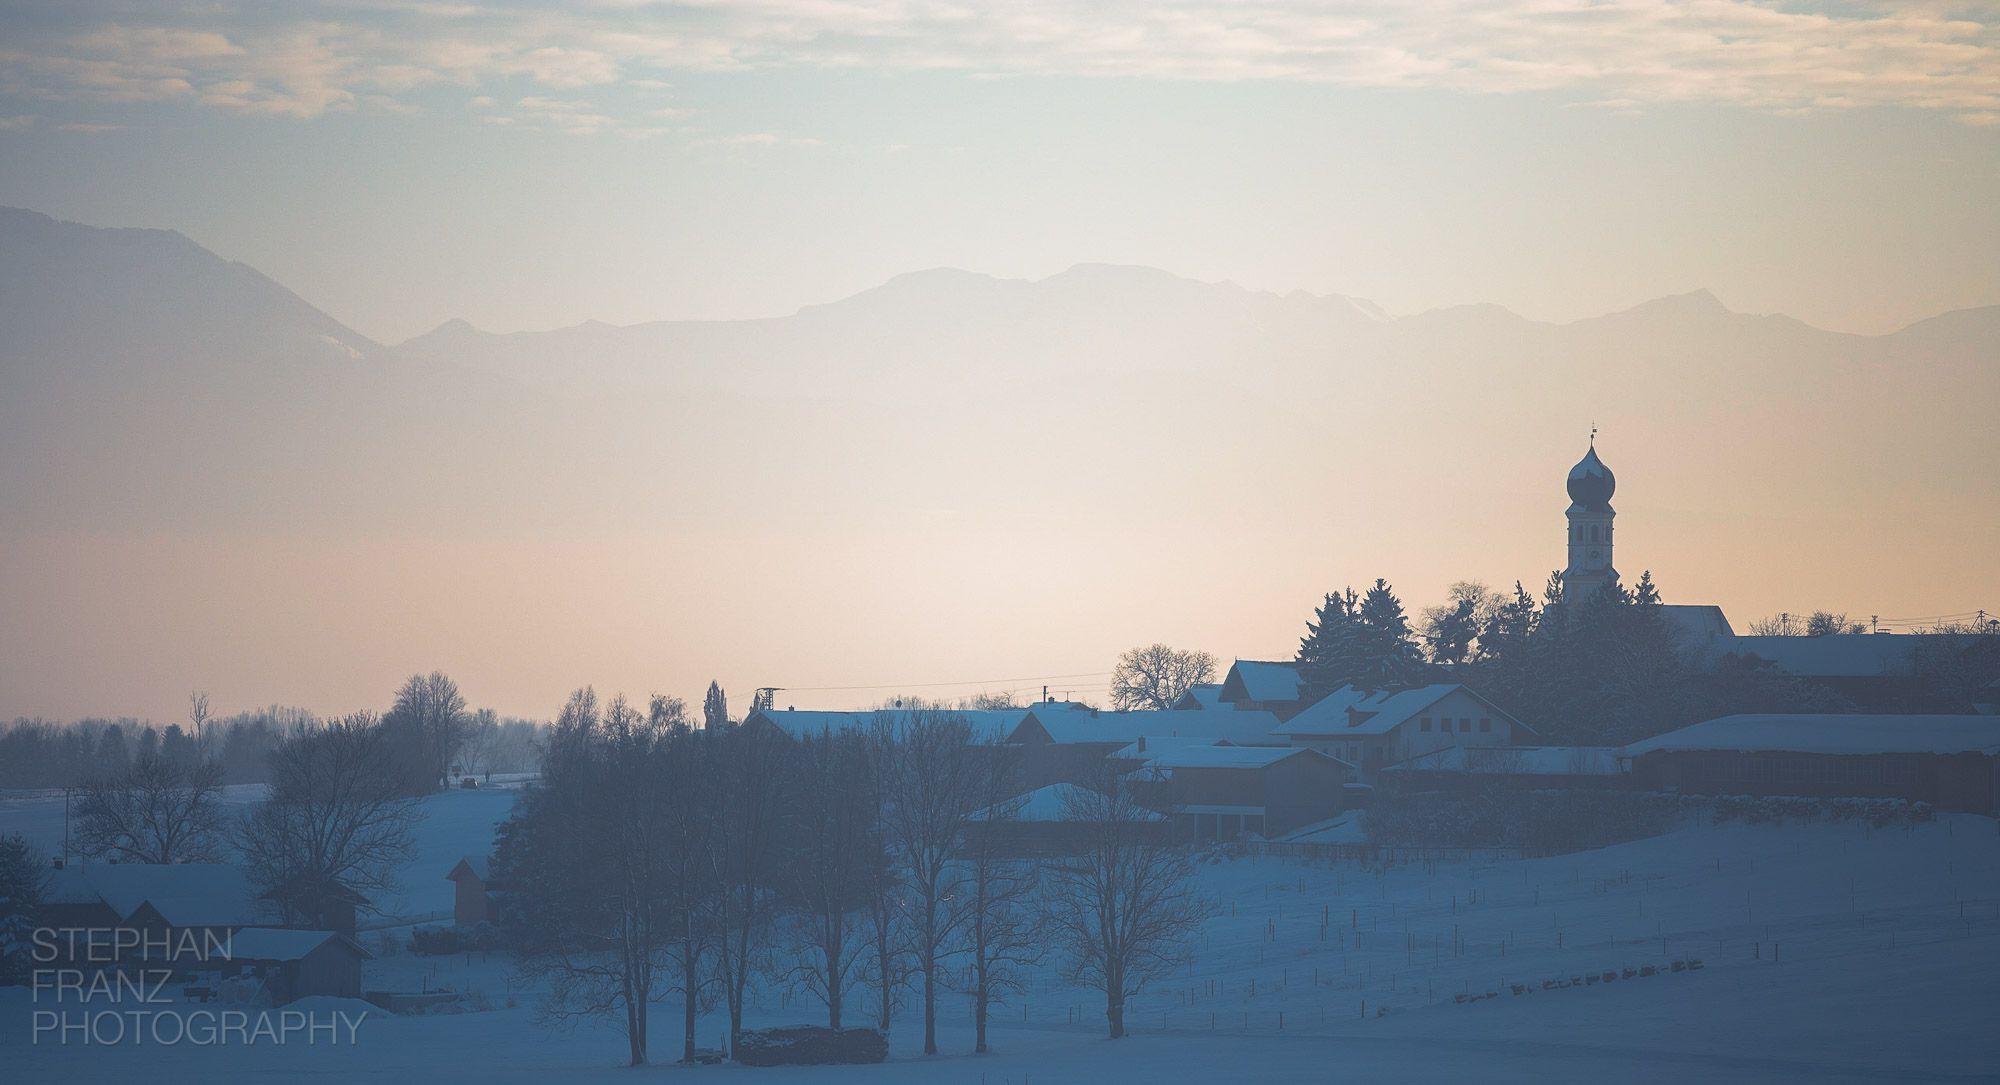 Winterspaziergang mit Angela in Beyharting bei Tuntenhausen im Alpenvorland in Bayern - Fotograf Stephan Franz Photography aus Rosenheim-1